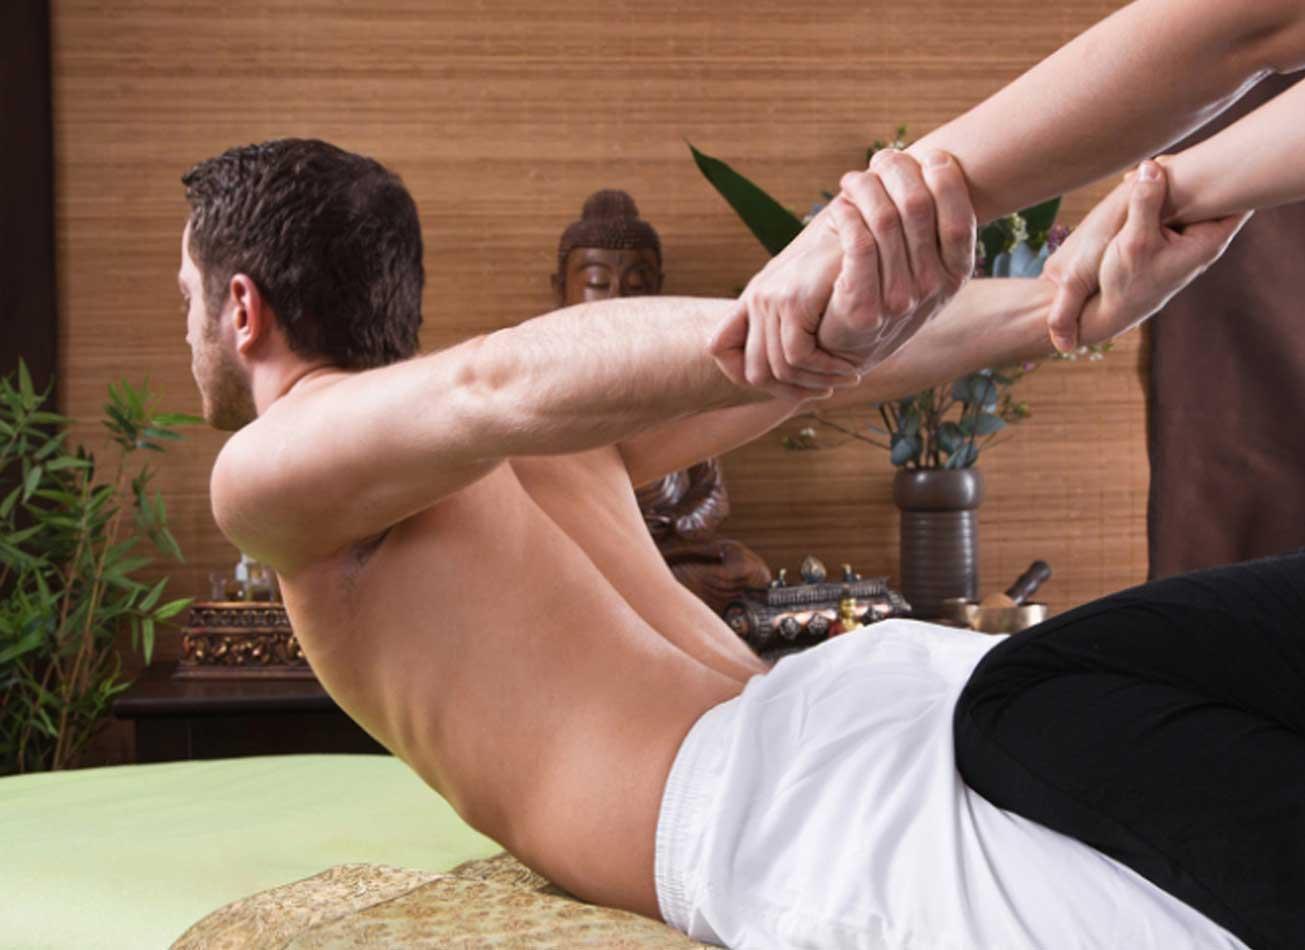 Vimigo-Bratislava-Massage-thai-&-sauna